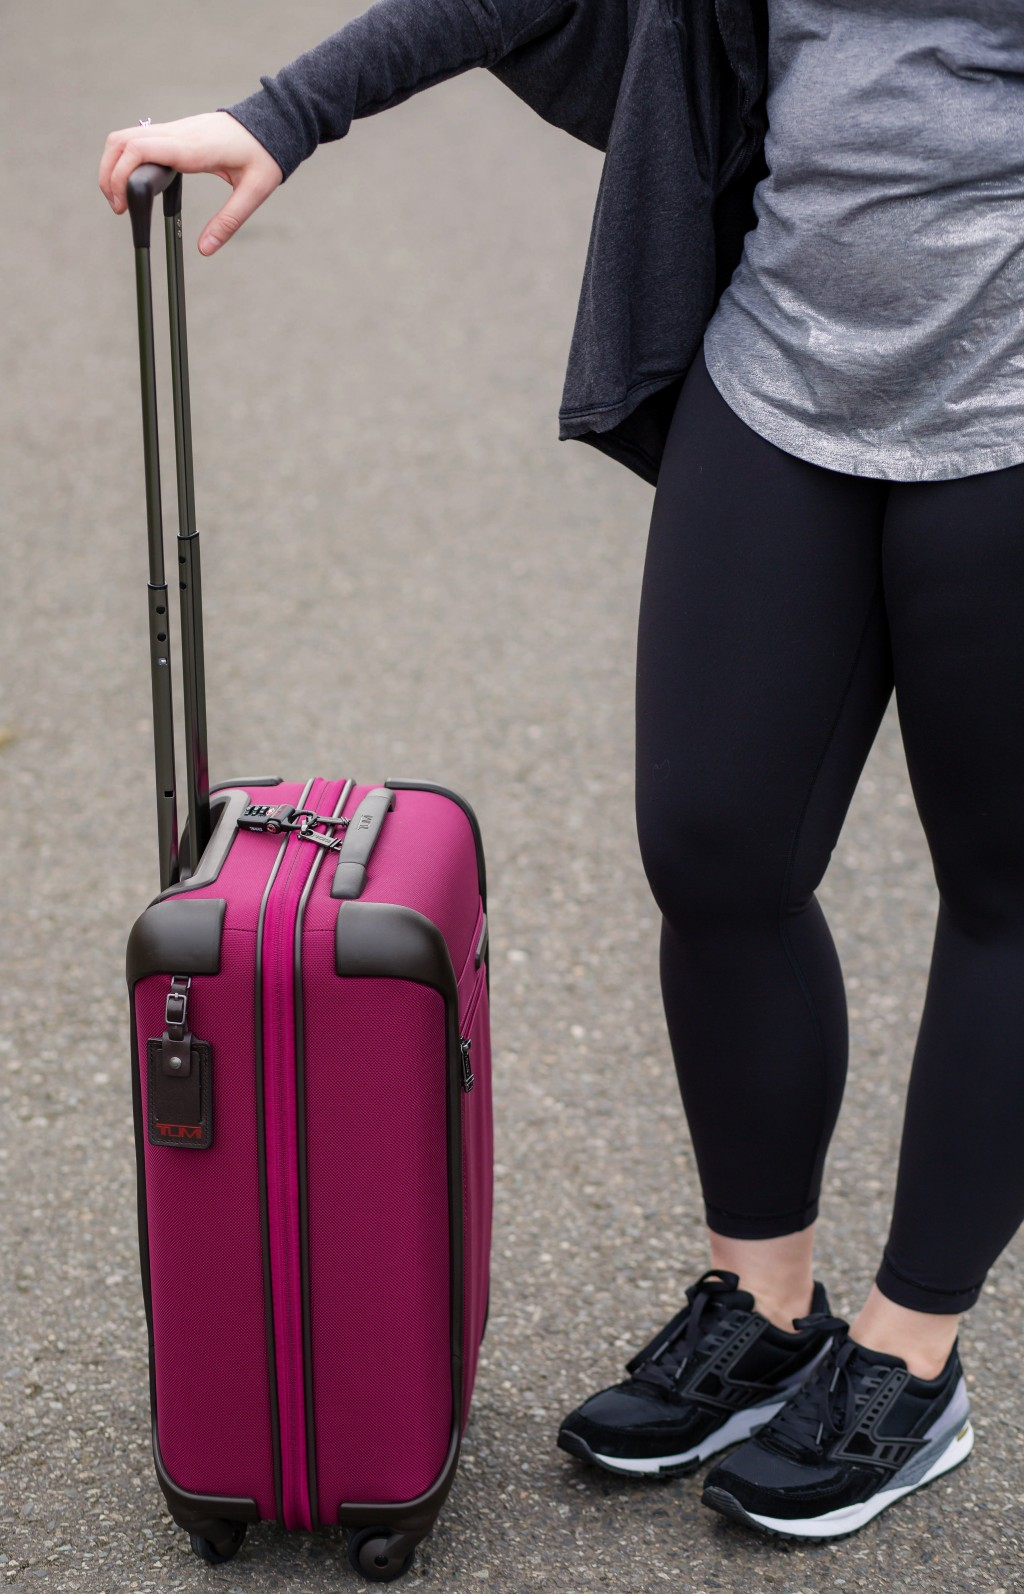 5 - Pink Tumi luggage